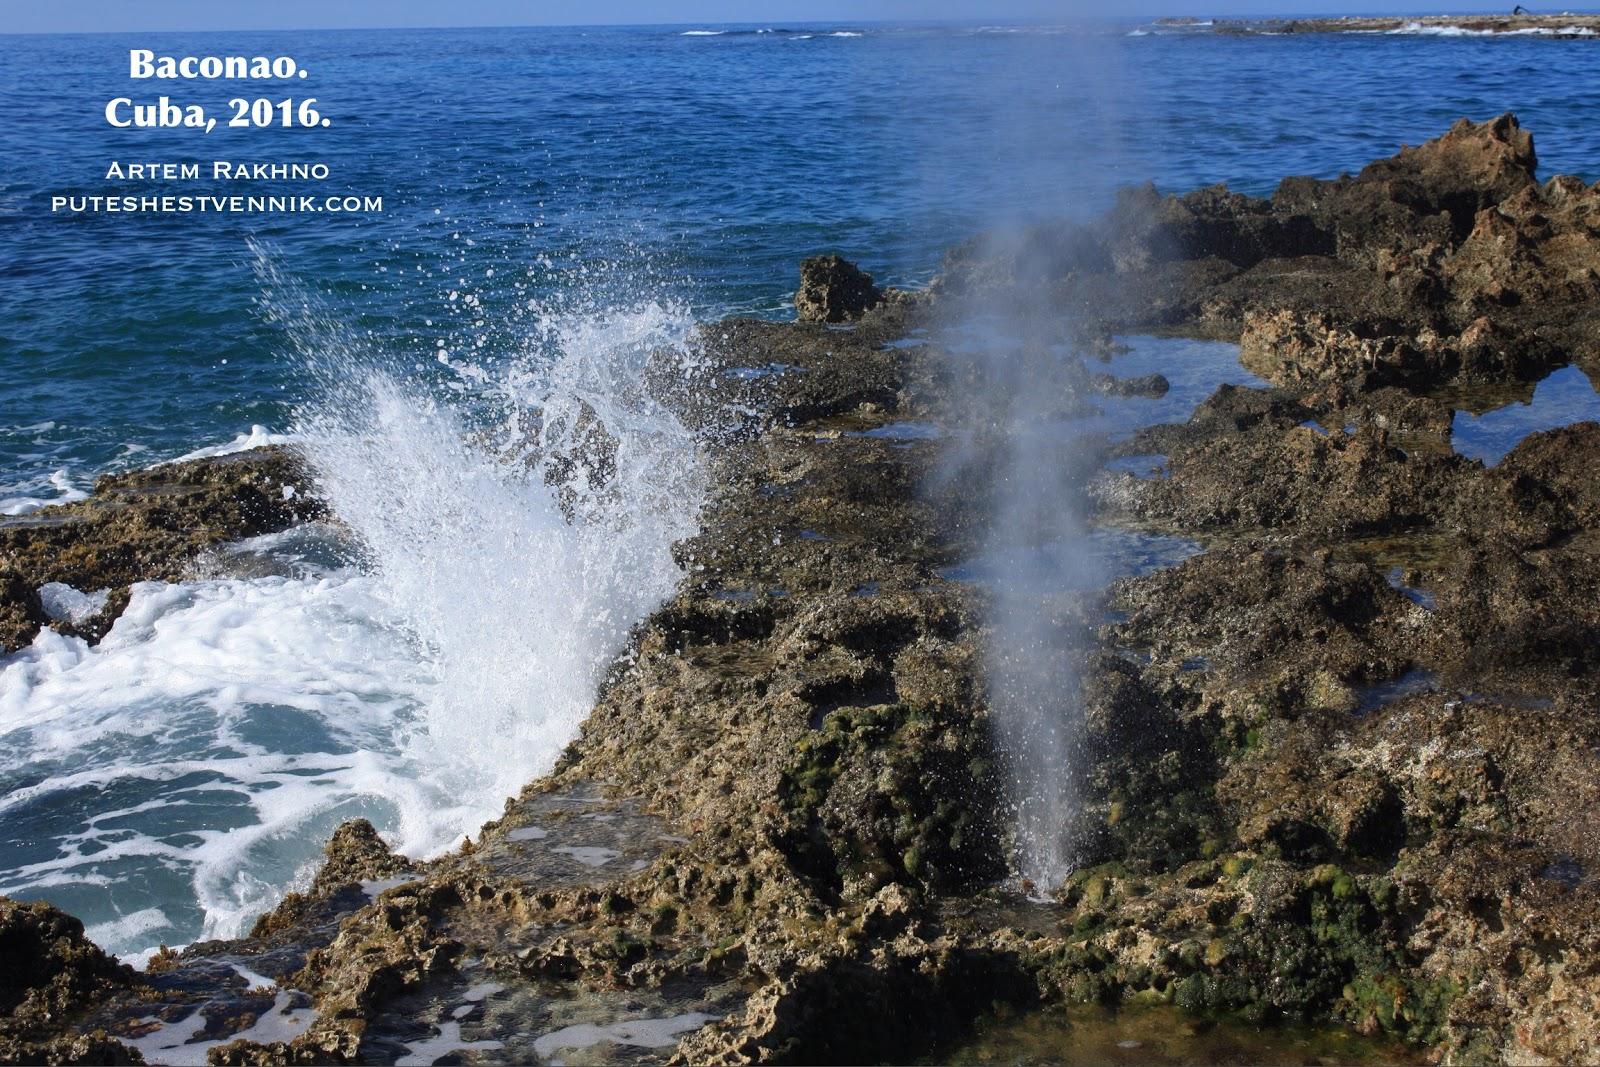 Фонтан бьет из скалы на берегу моря